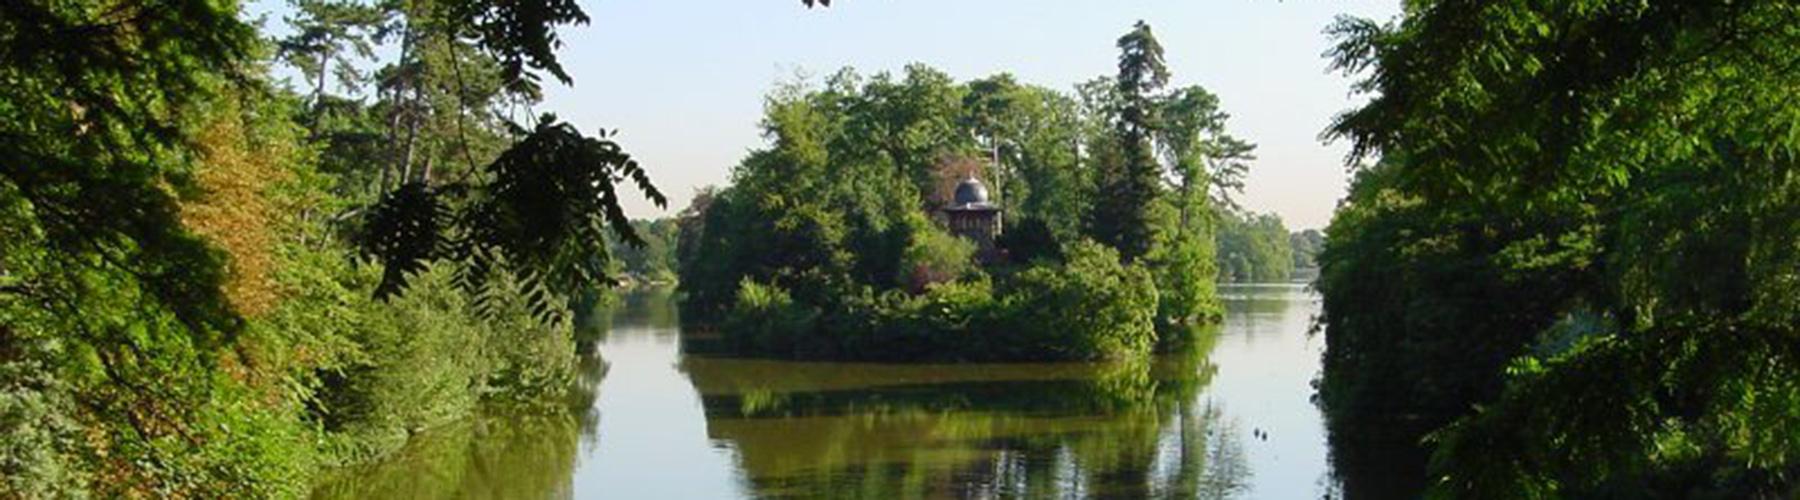 파리 - 불로뉴의 숲와 가까운 호스텔. 파리의 지도, 파리에 위치한 호스텔 사진 및 후기 정보.